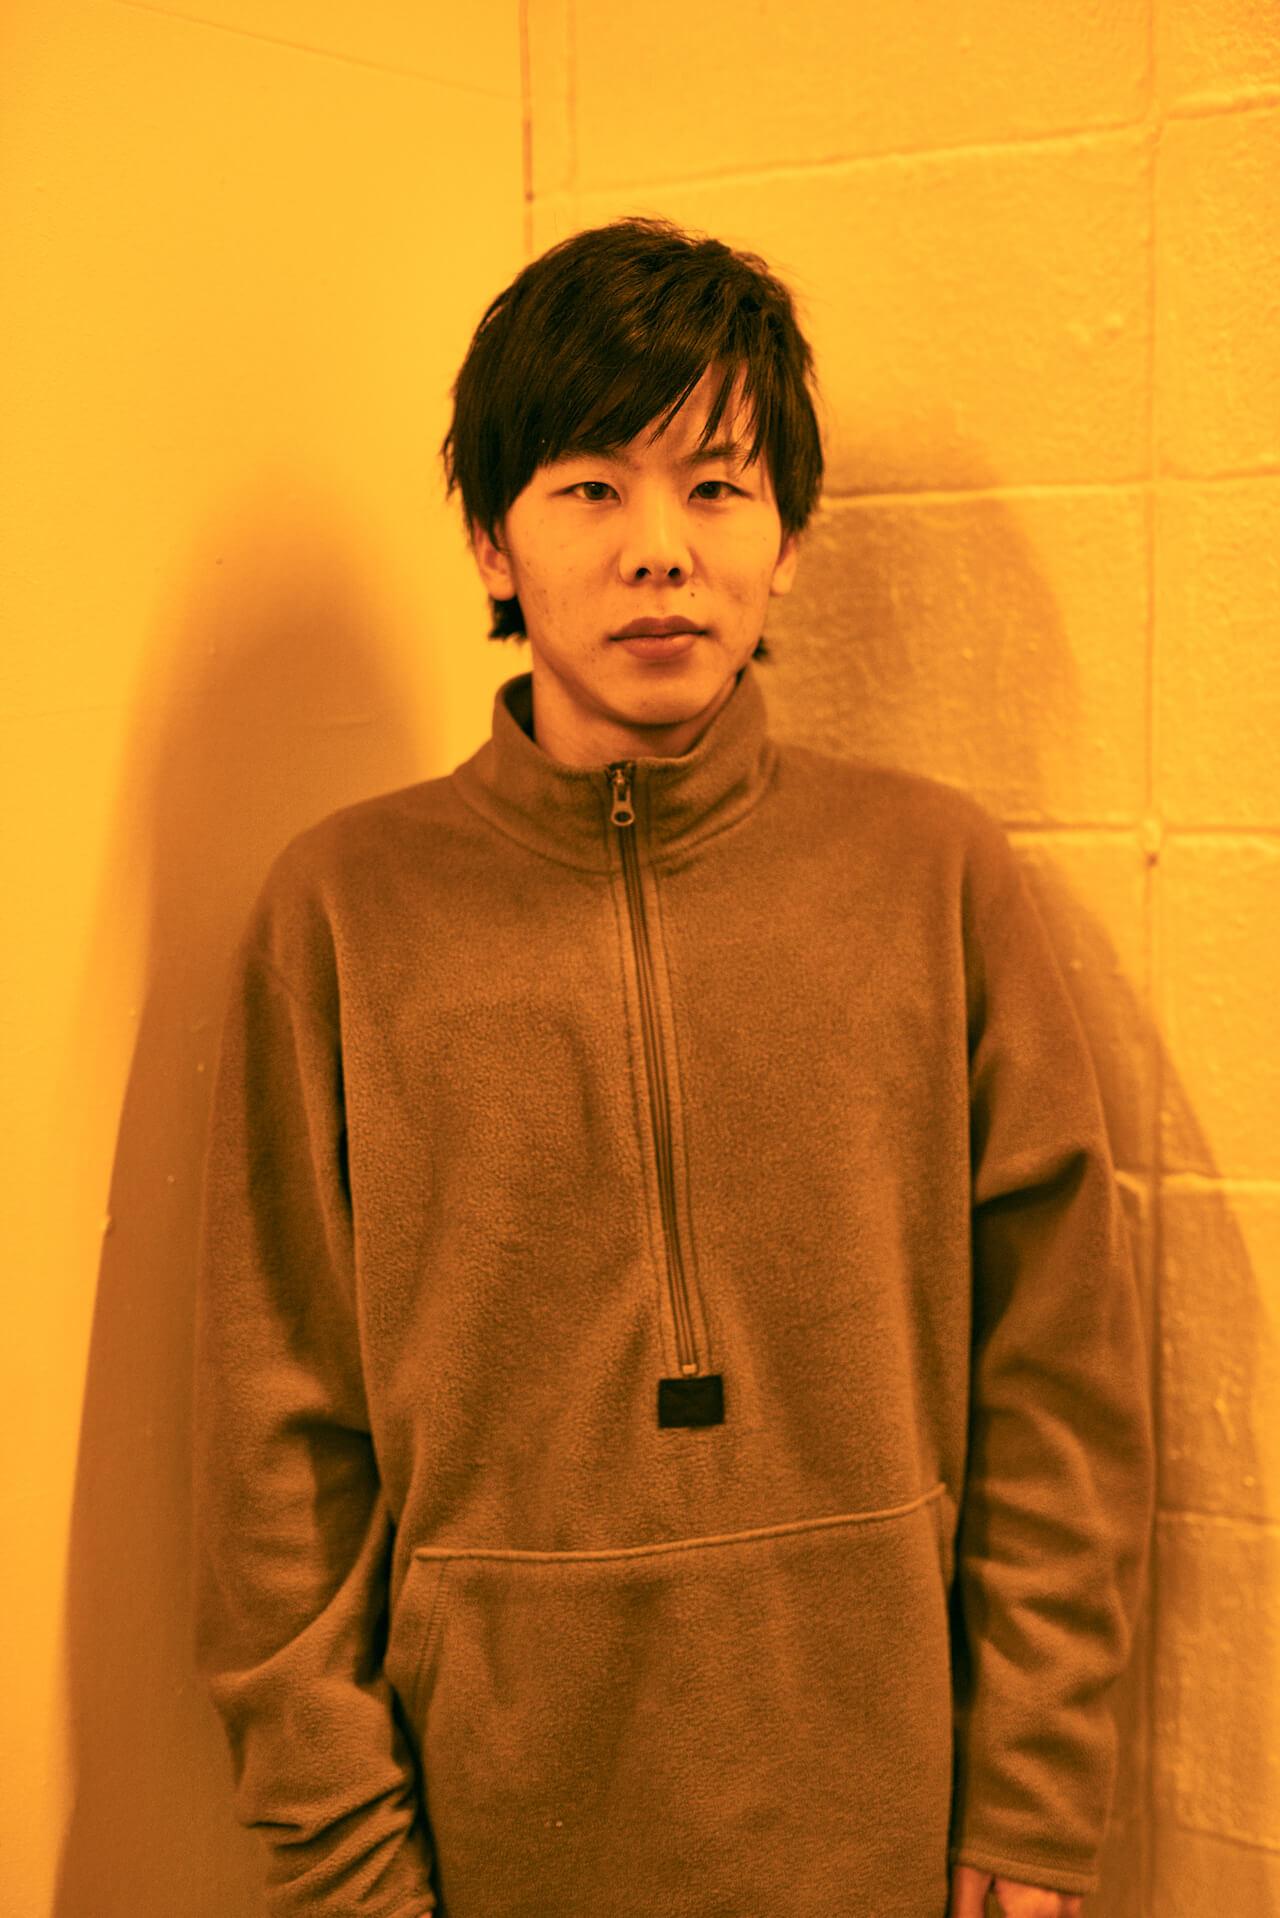 原淳之助 インタビュー|体験に起きる違和感の間を探求する interview190311-harajunnosuke-6